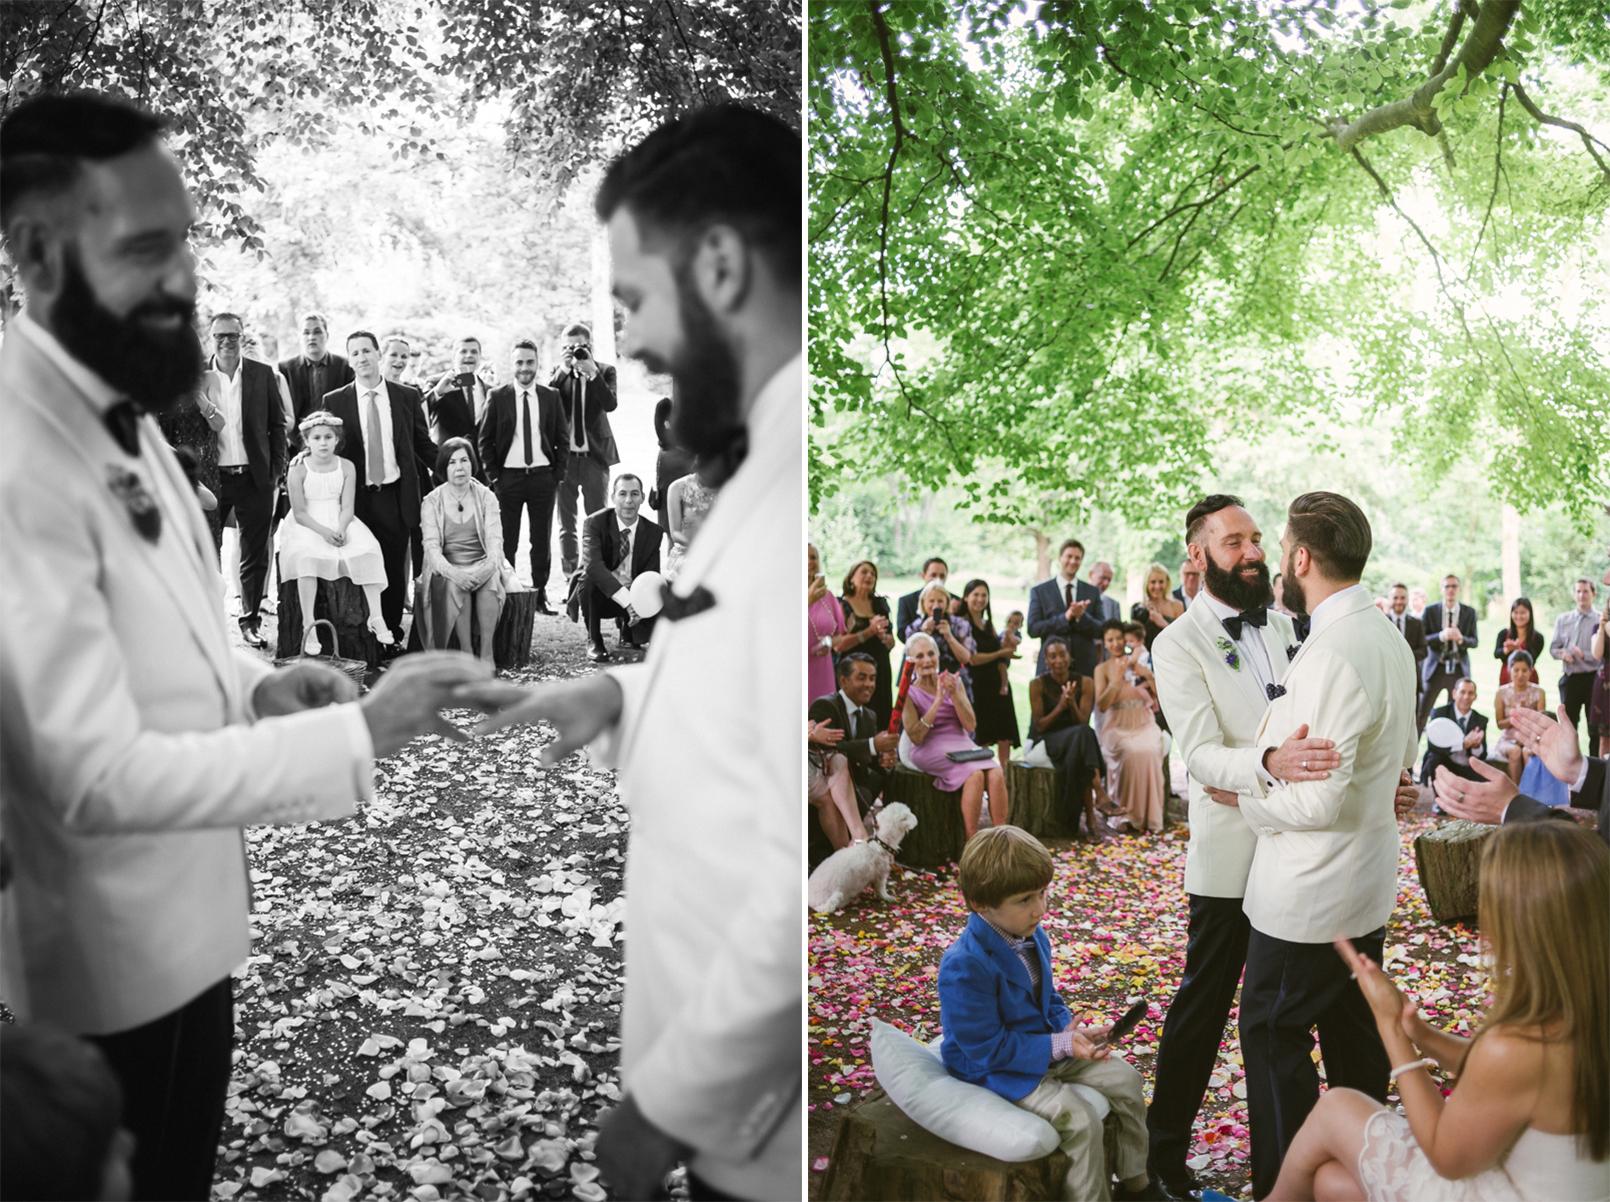 Hochzeitsfotograf-Aachen-Vaalsbroek-Dreamcatcher-Photography-0025